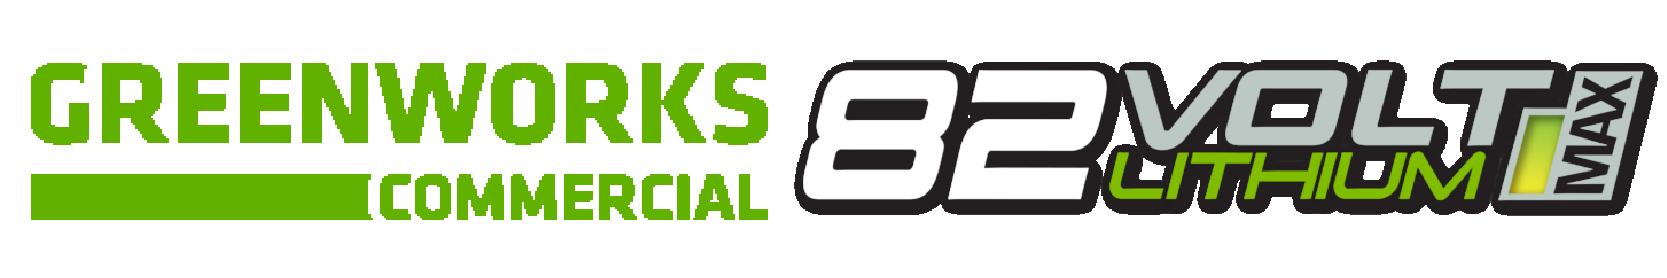 Greenworks Commercial Logo